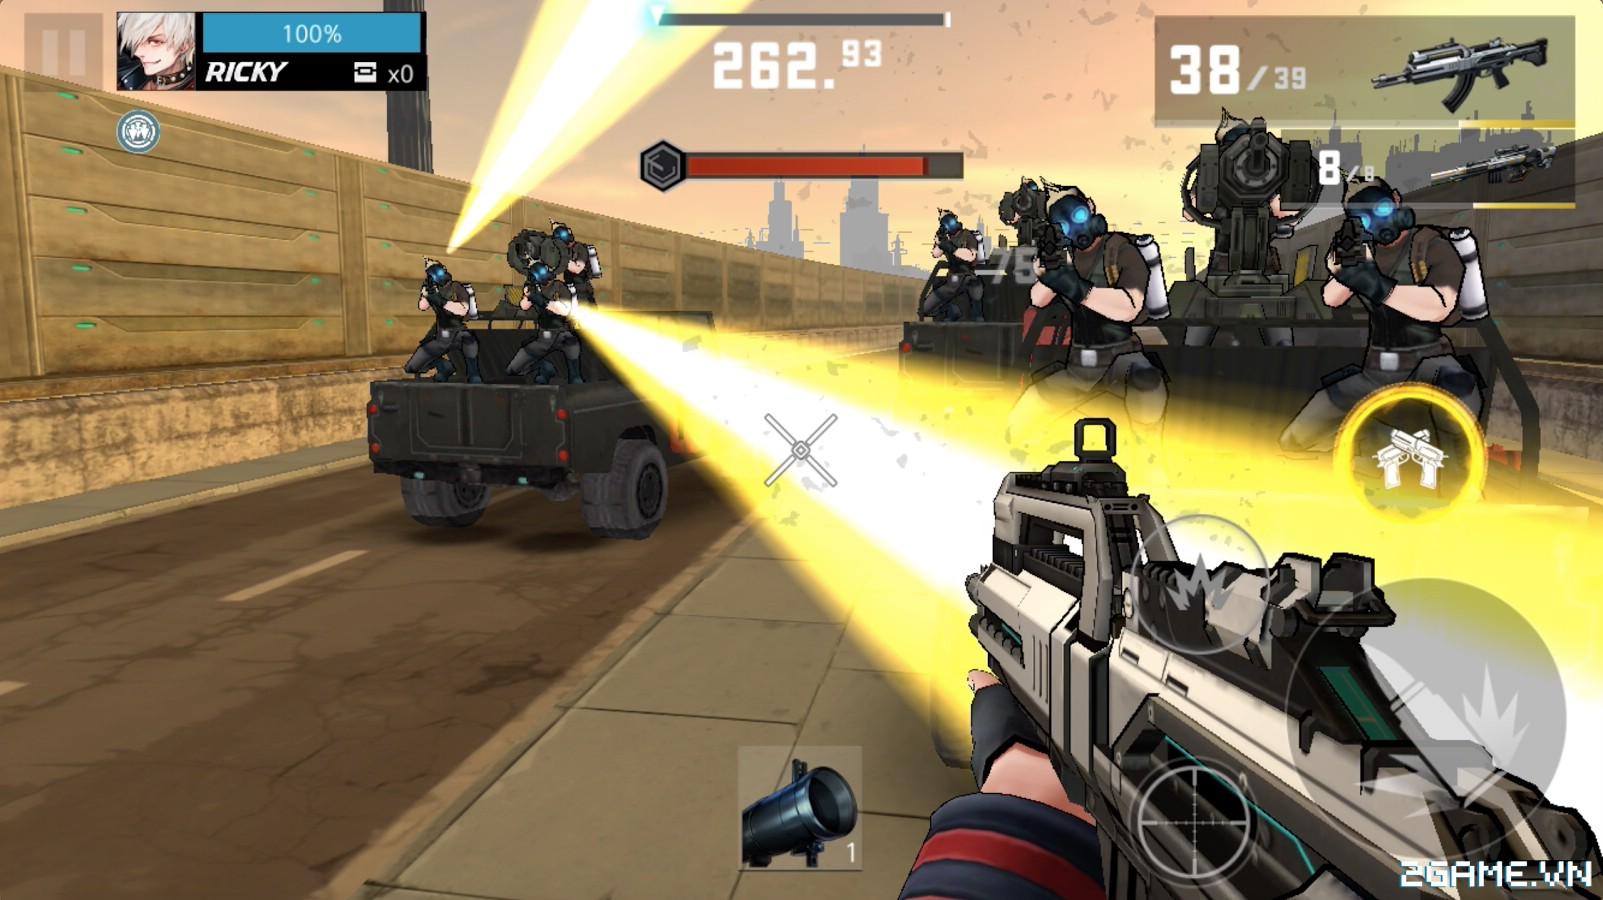 Wanted Killer: Game mobile bắn súng phong cách game thùng đầy chất chơi 3